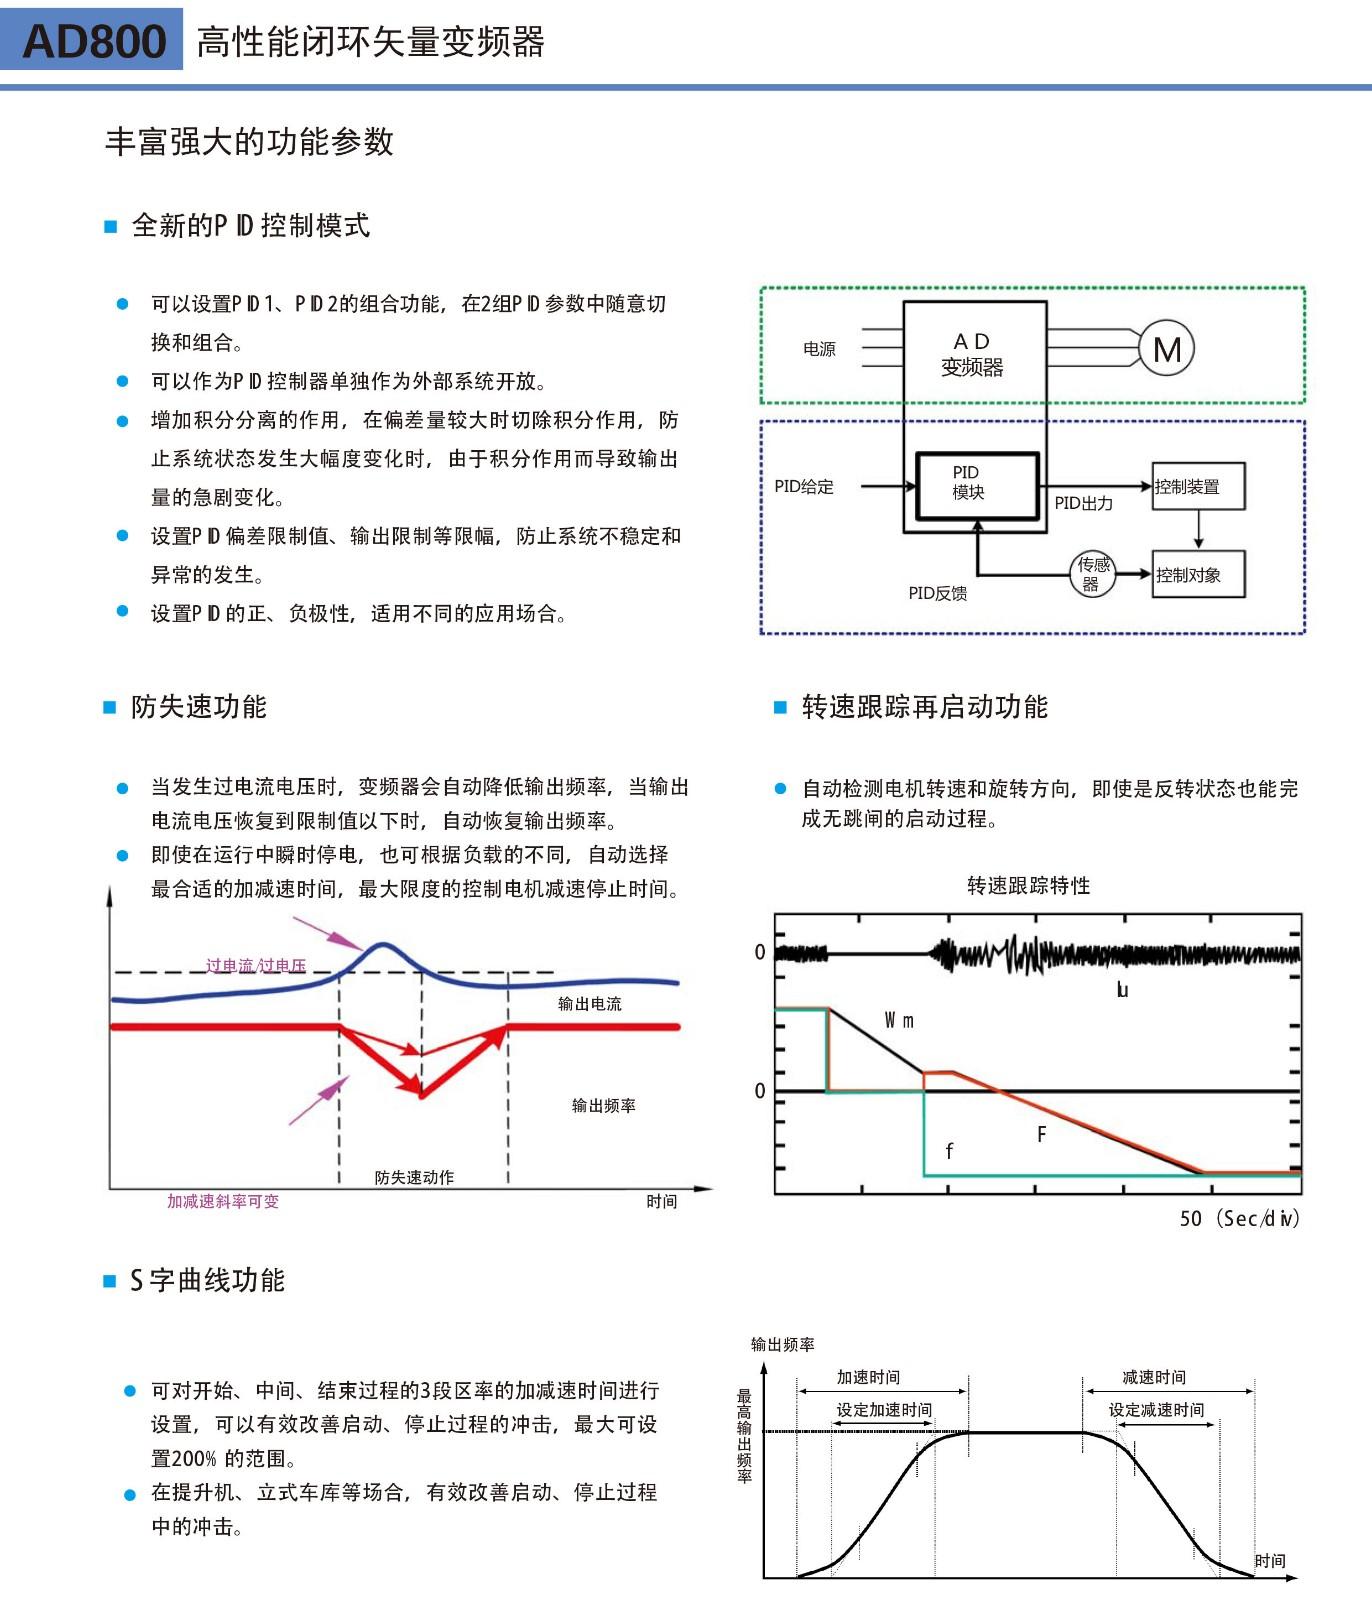 变频器  AD800 2|变频器-浙江数一电气有限公司